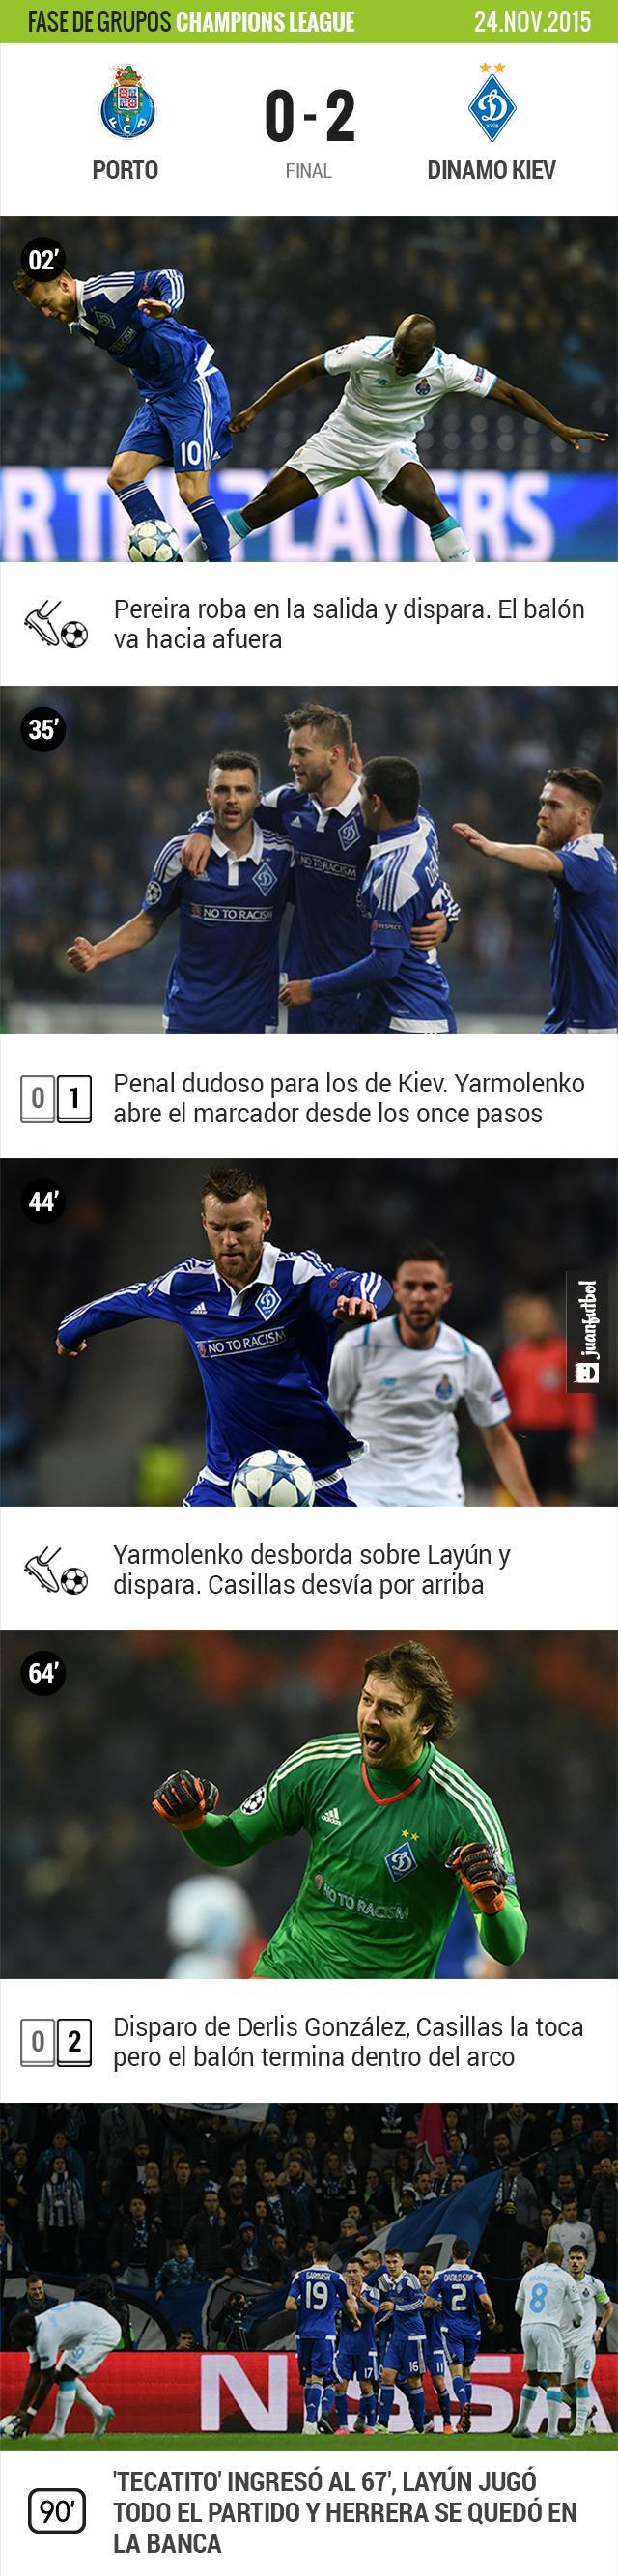 Porto cae en casa contra el Dinamo de Kiev.